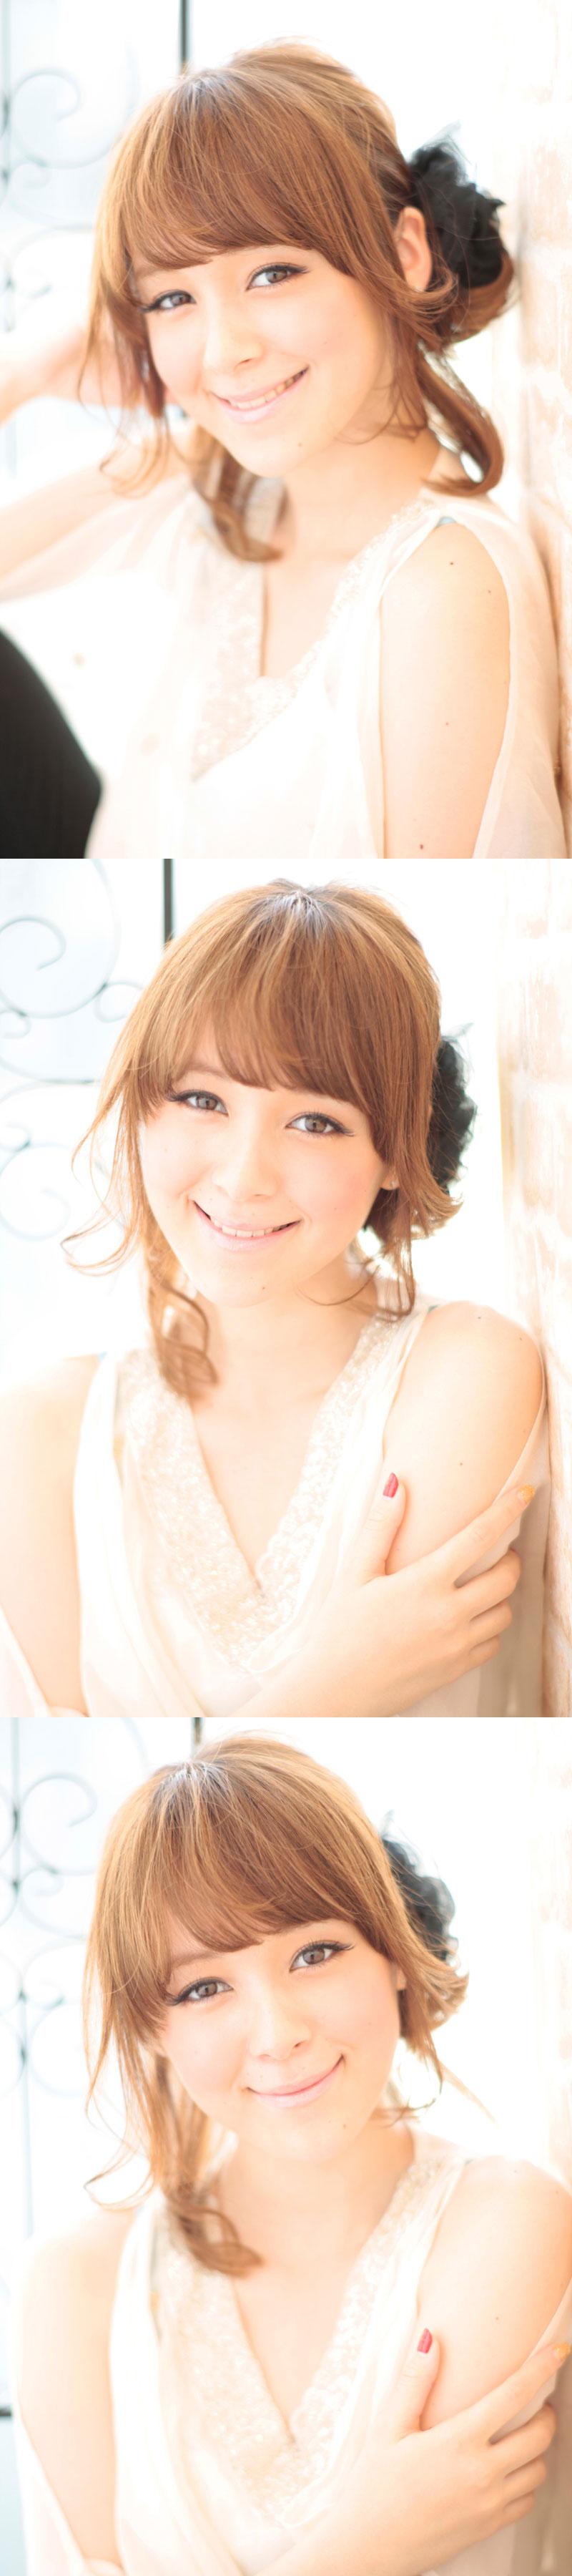 大人の小顔髪型ゆるふわパーマヘアカタログ〜簡単アレンジ(う-097)